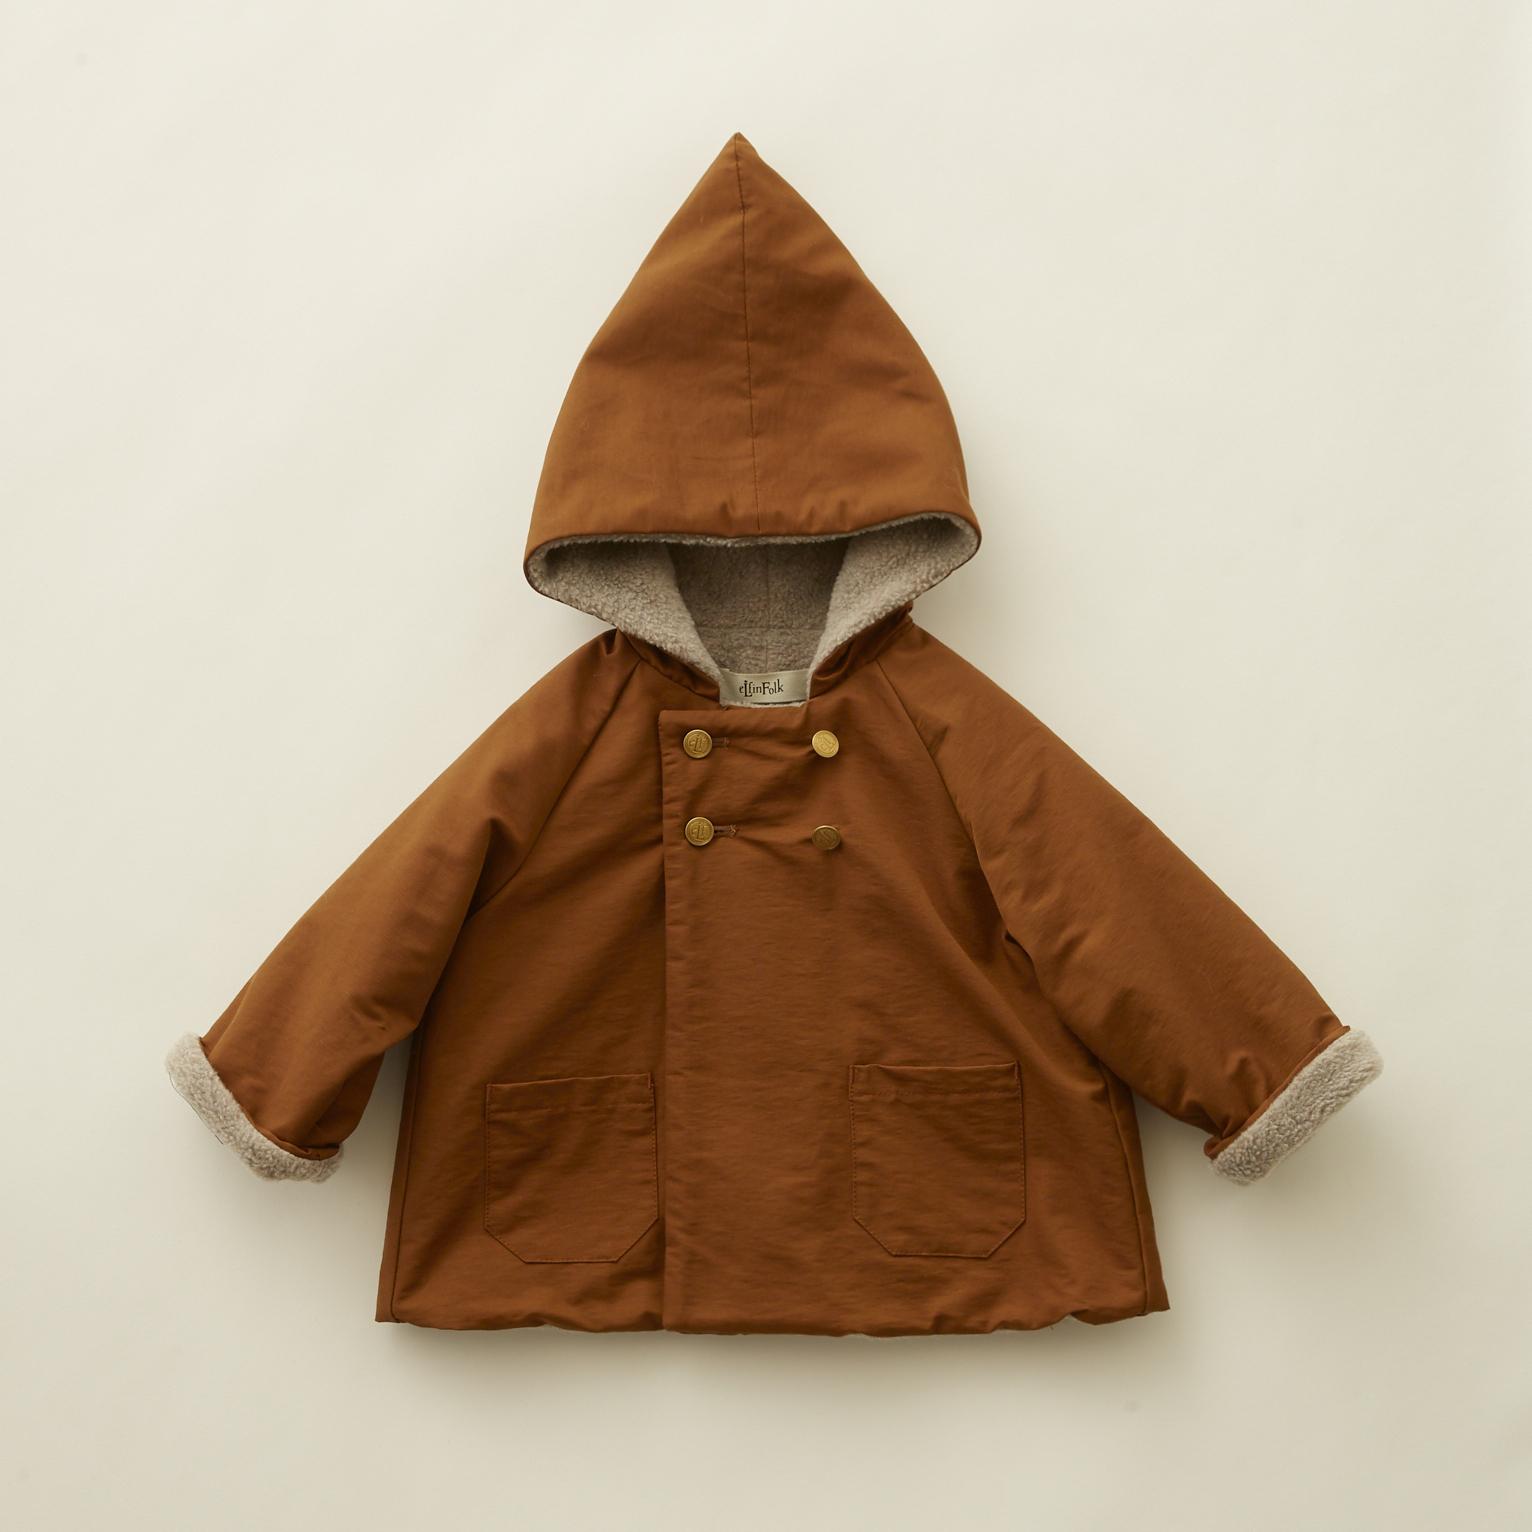 《eLfinFolk 2020AW》elf coat / brown / 90-100cm